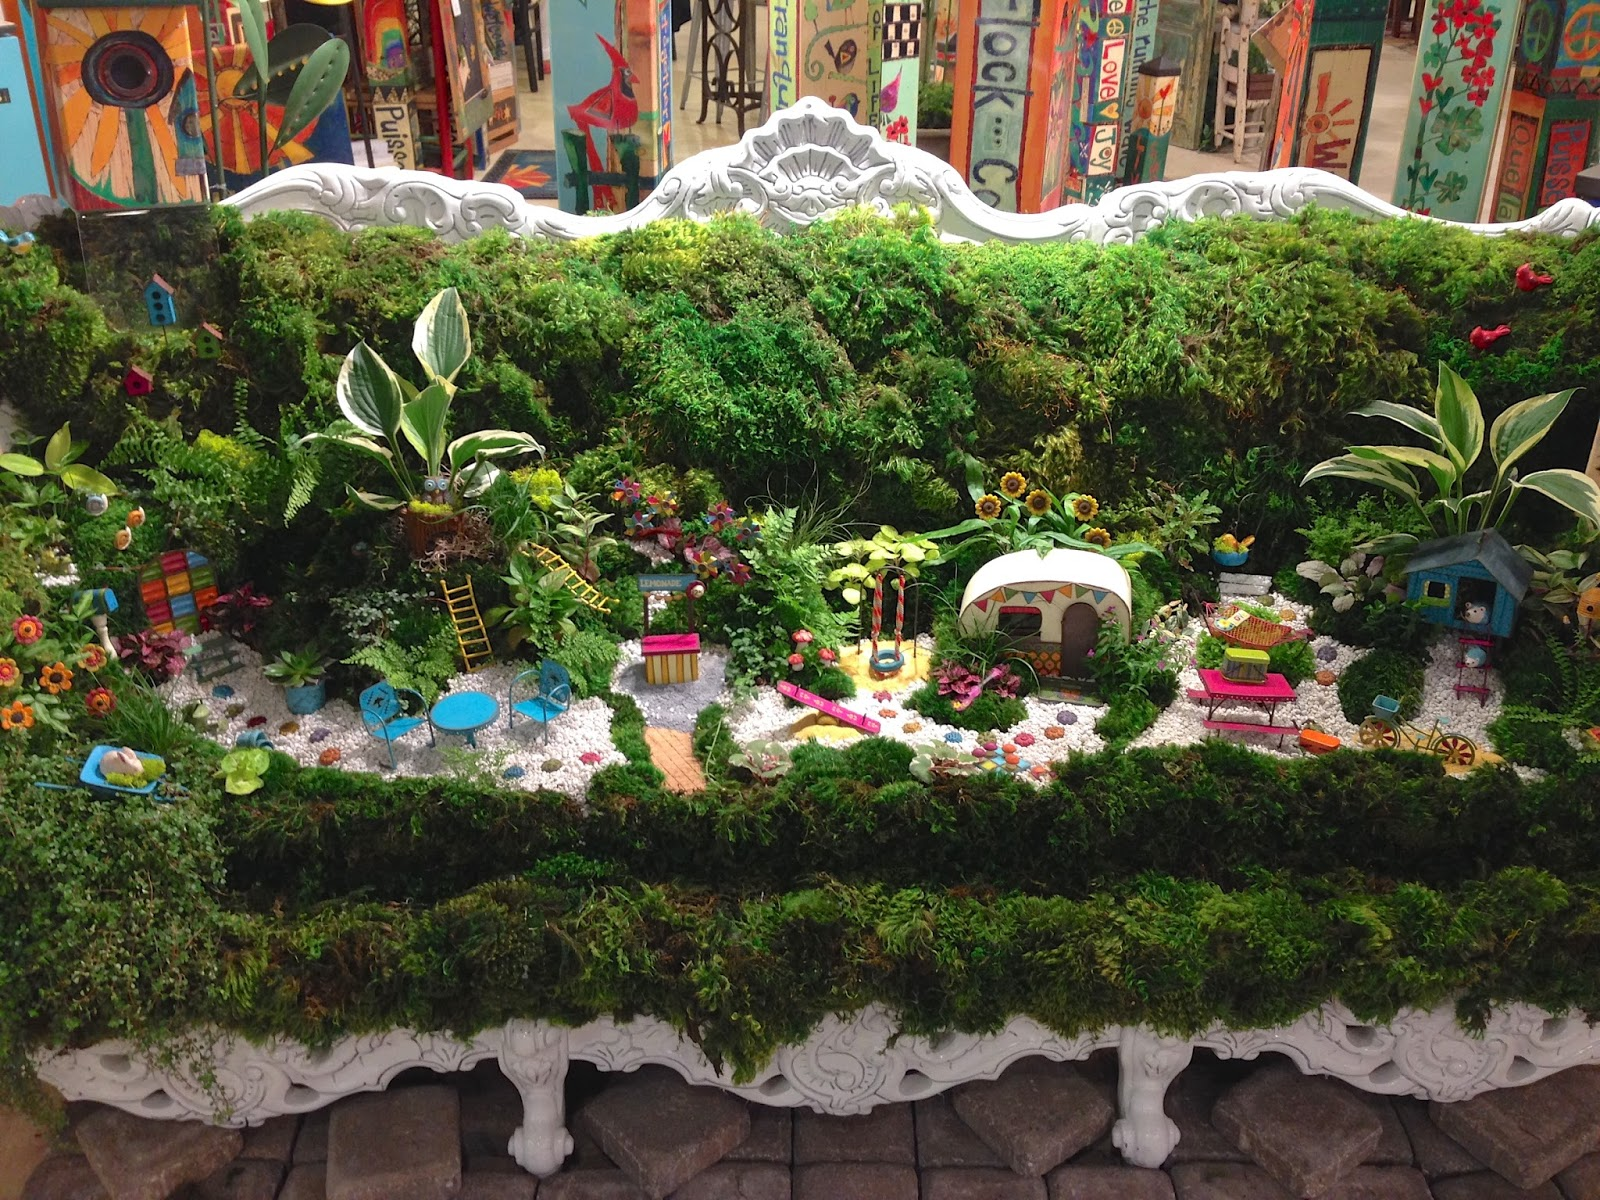 shelley b decor and more: Miniature Garden Idea ~ Garden Sofa